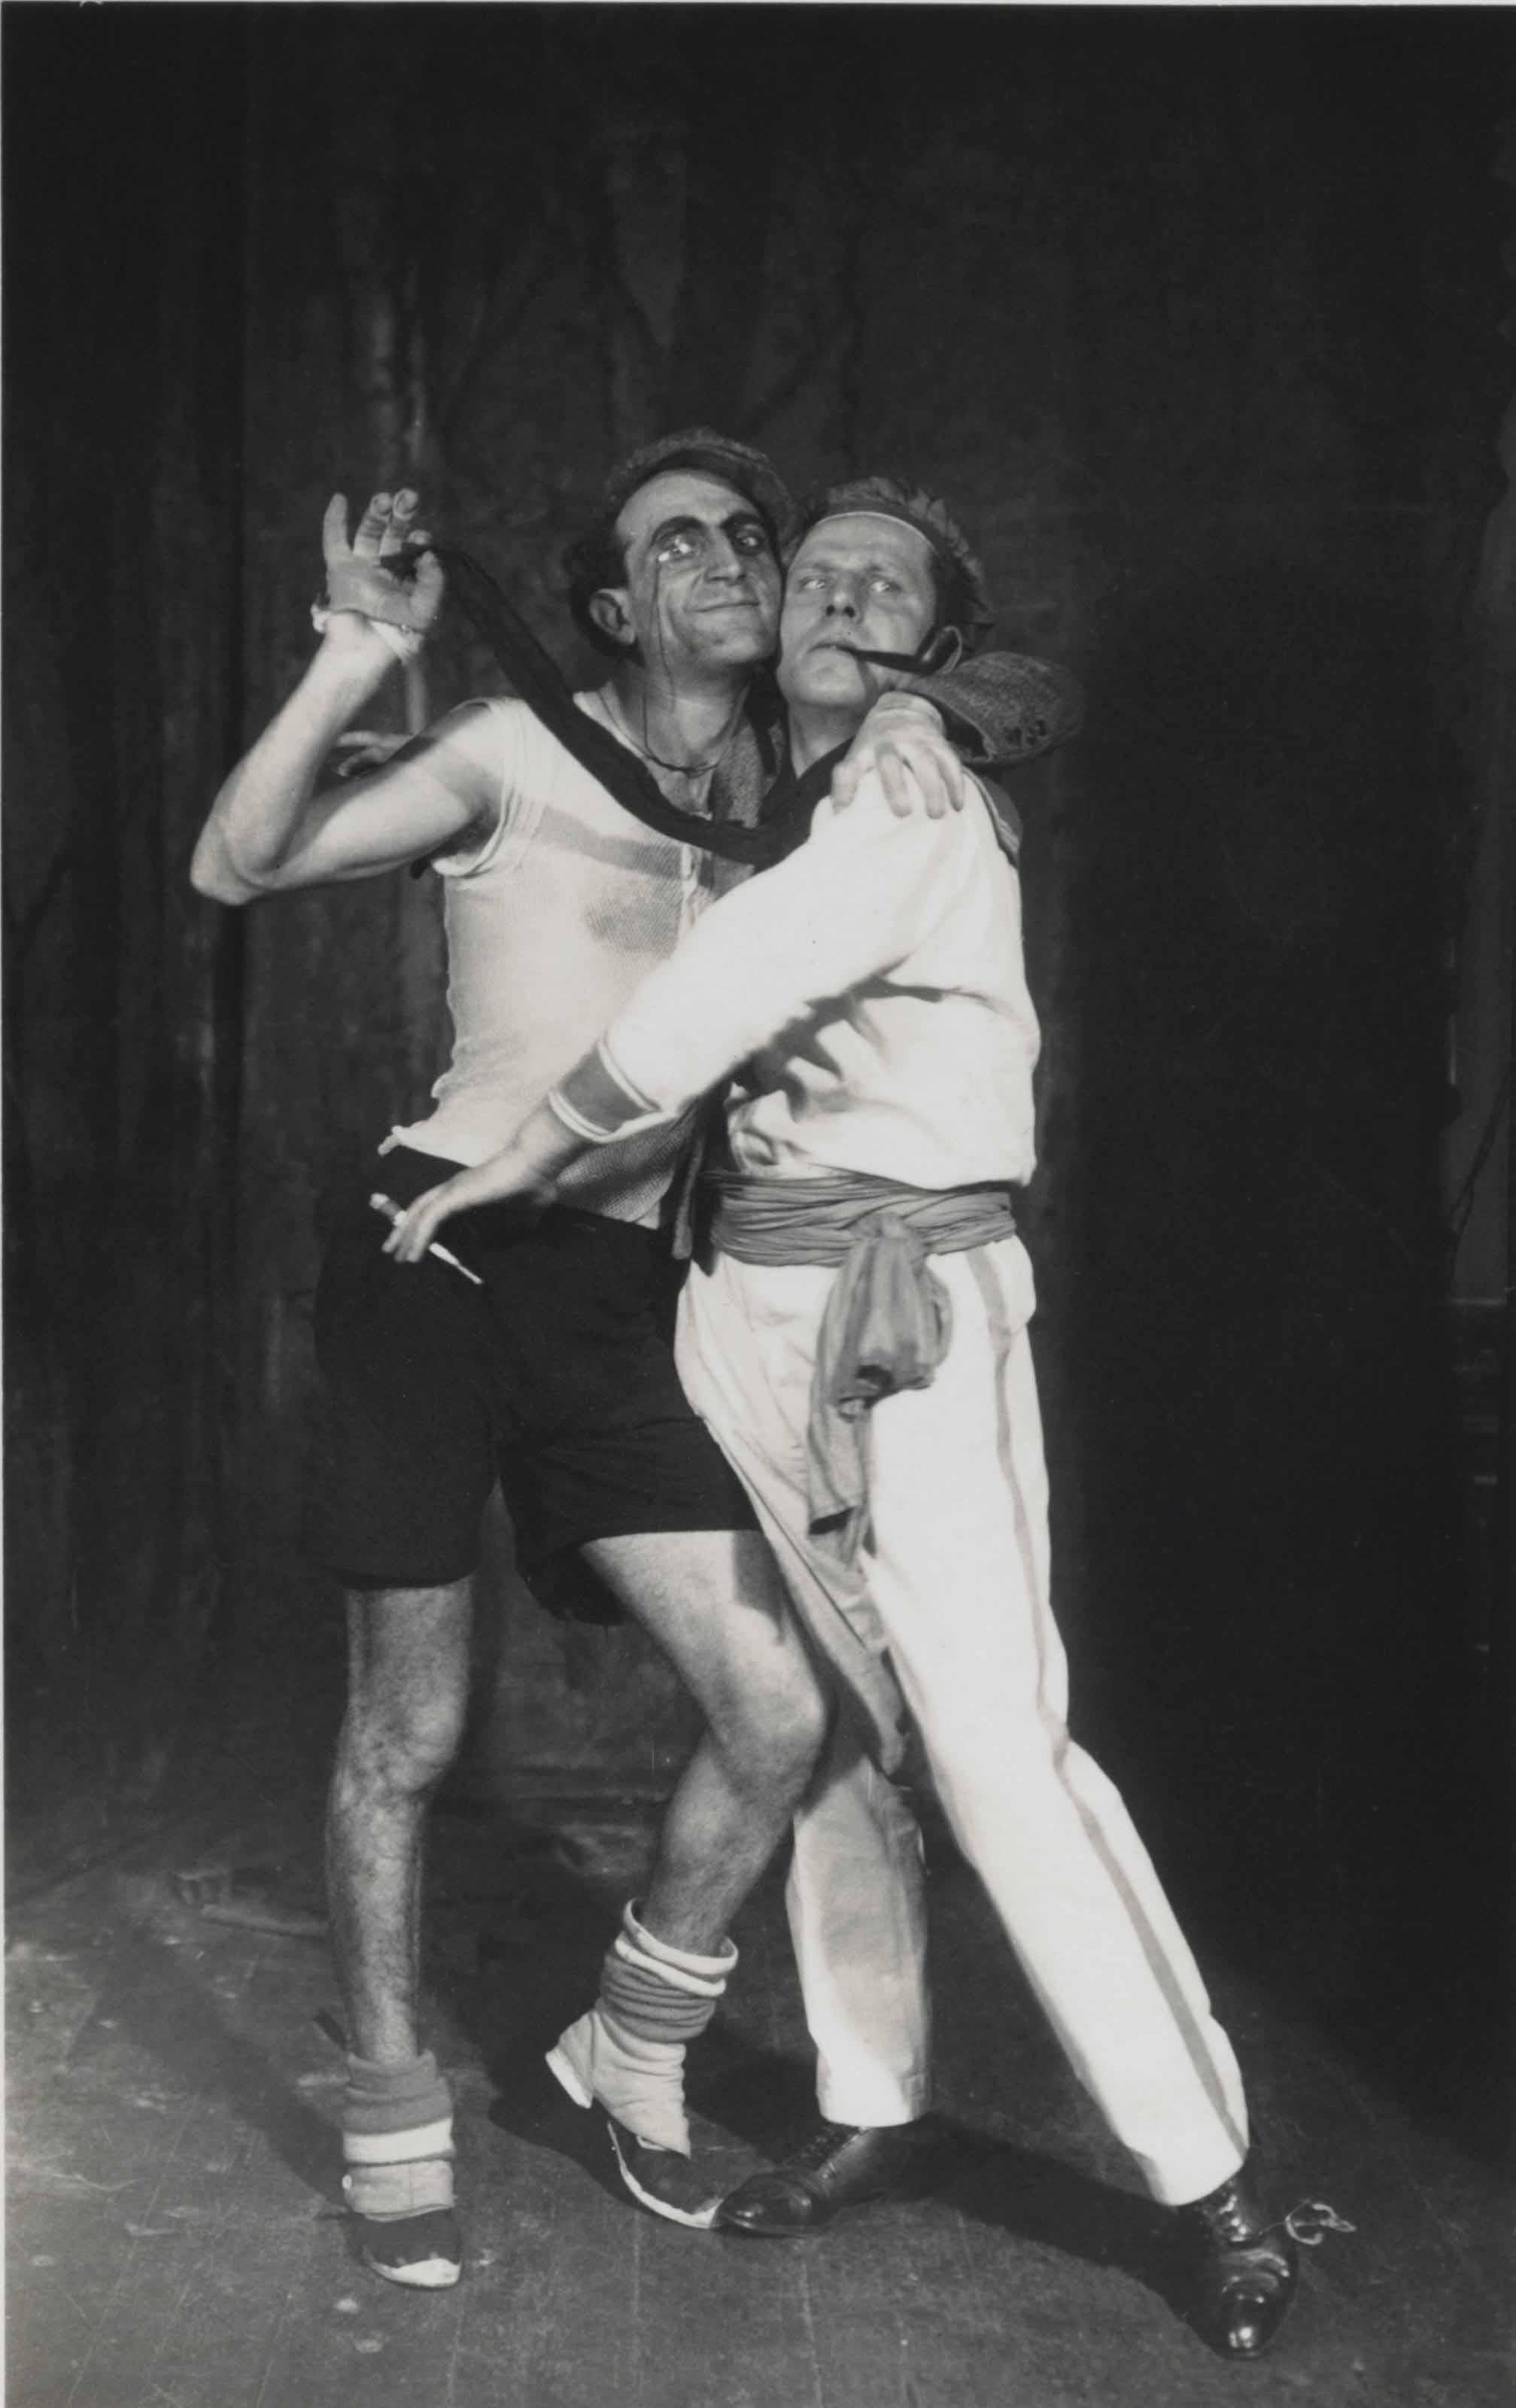 Lumpenball, 1920s